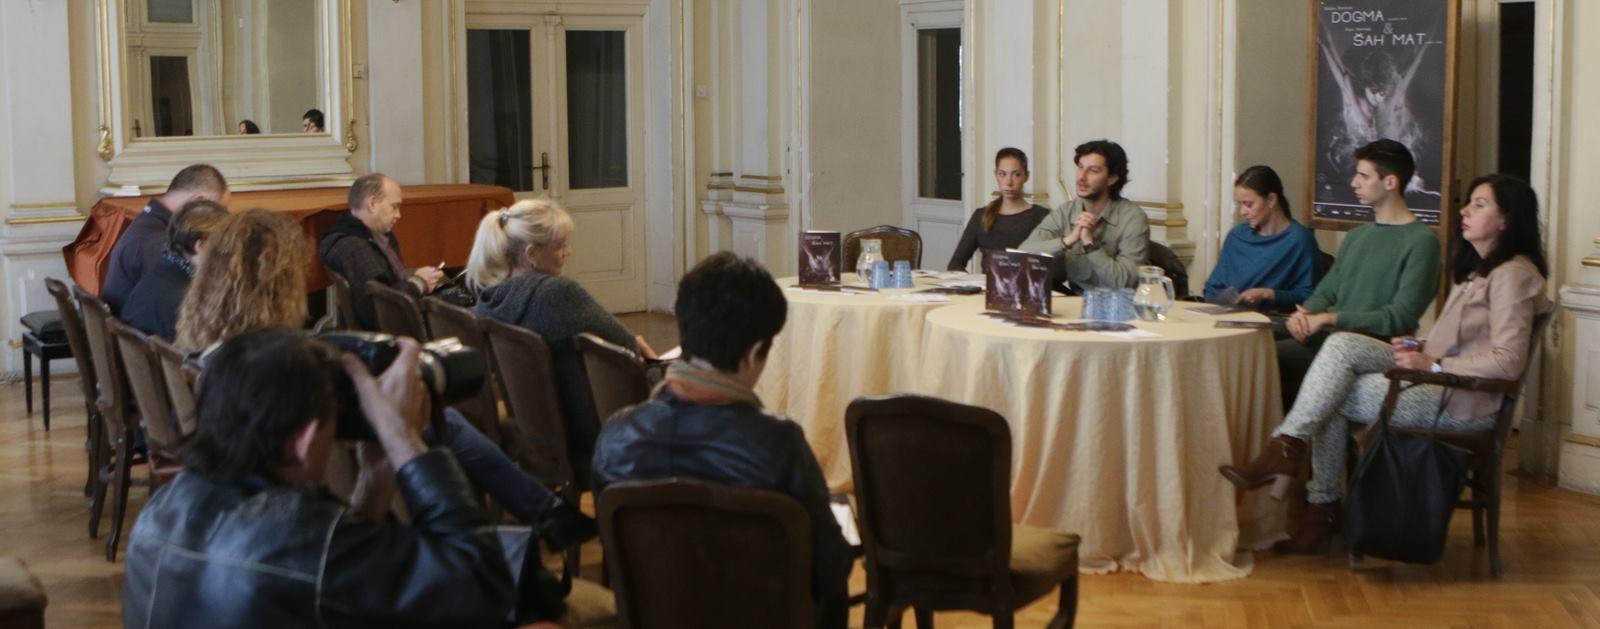 'Dogma' i 'Šah-mat' otvaraju baletnu sezonu u HNK Ivana pl. Zajca